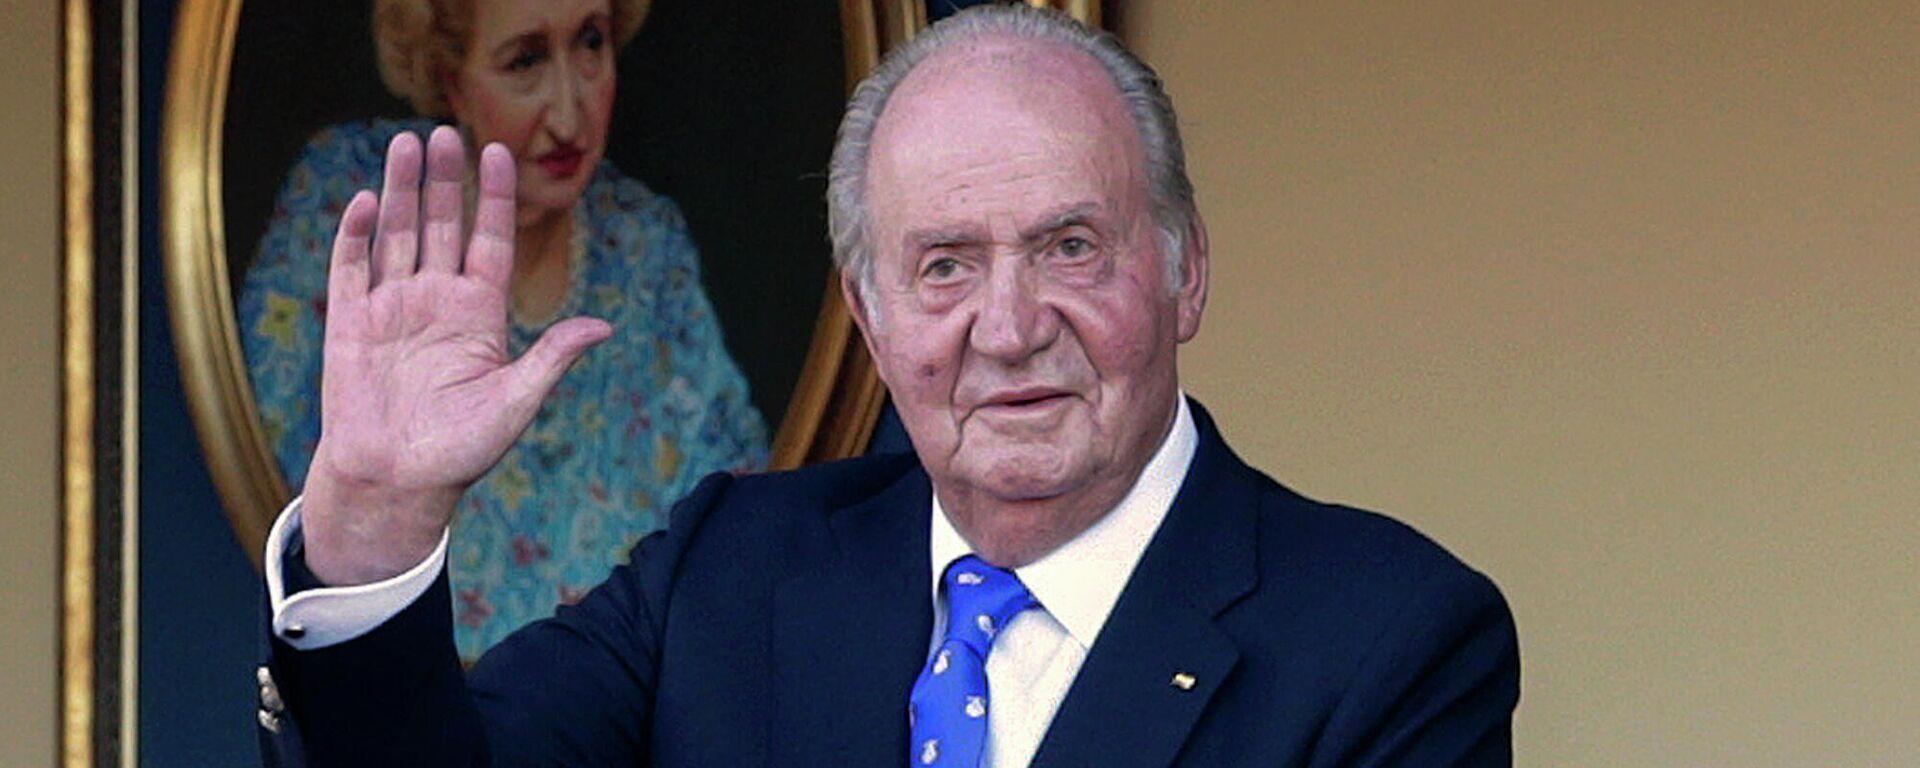 En esta fotografía de archivo del domingo 2 de junio de 2019, el rey emérito de España, Juan Carlos I, saluda durante una corrida de toros en la plaza de toros de Aranjuez, Madrid, España. - Sputnik Mundo, 1920, 03.09.2021